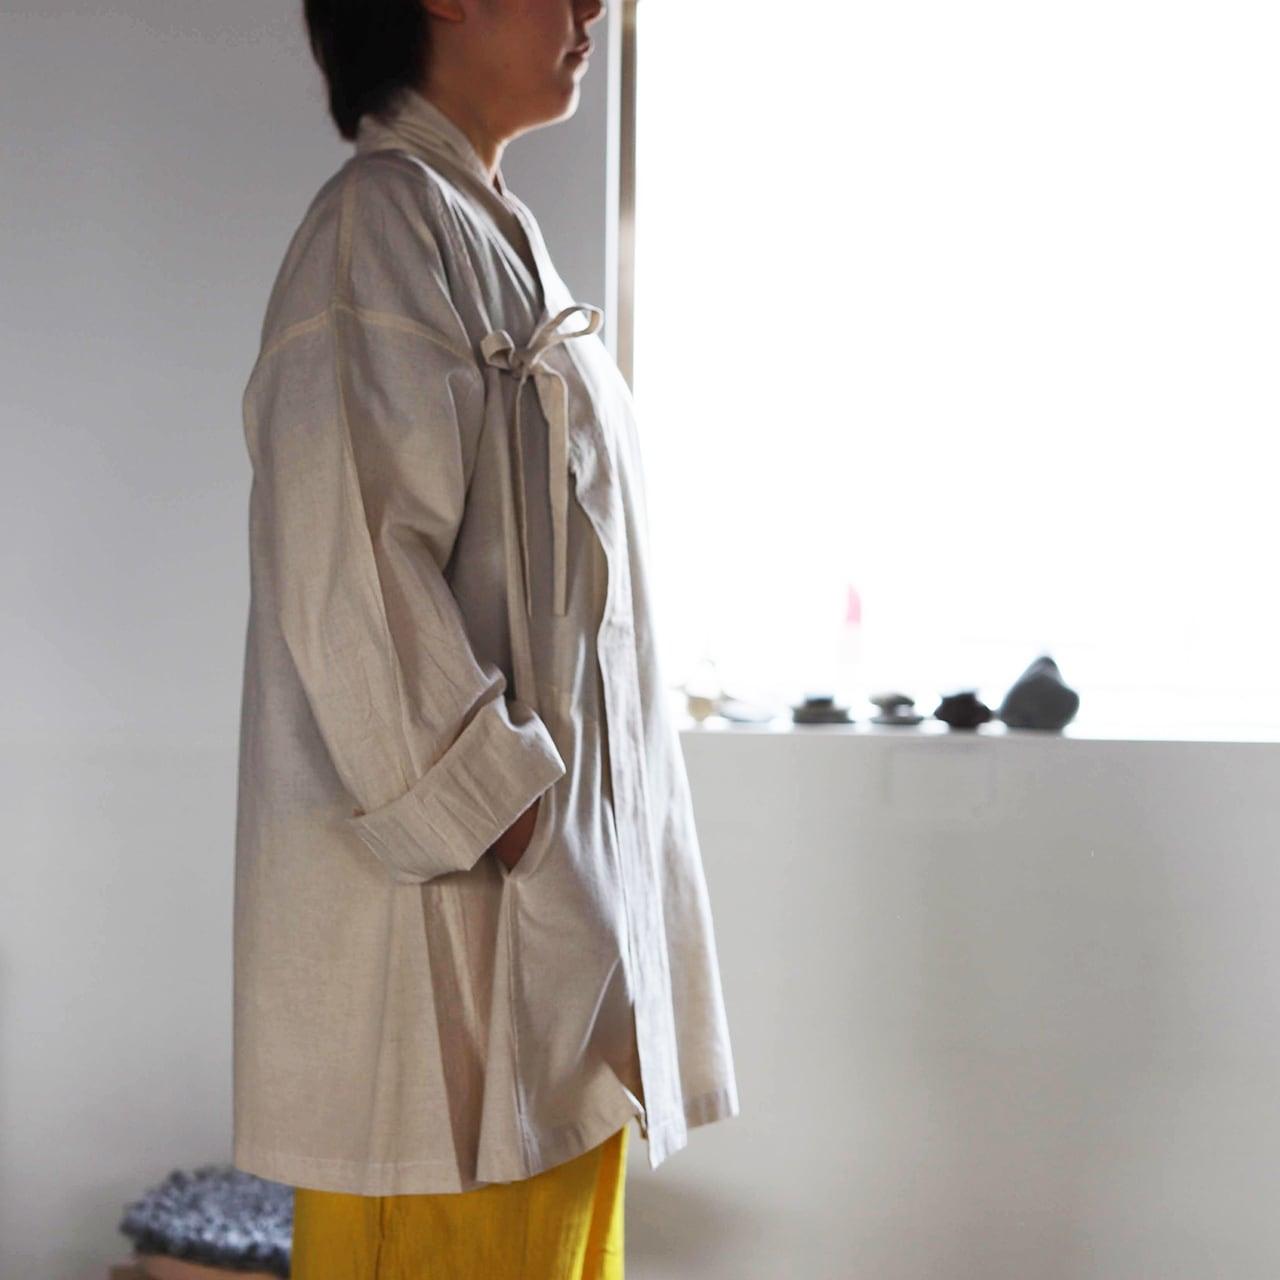 ヂェン先生の日常着 羽織ショートコート